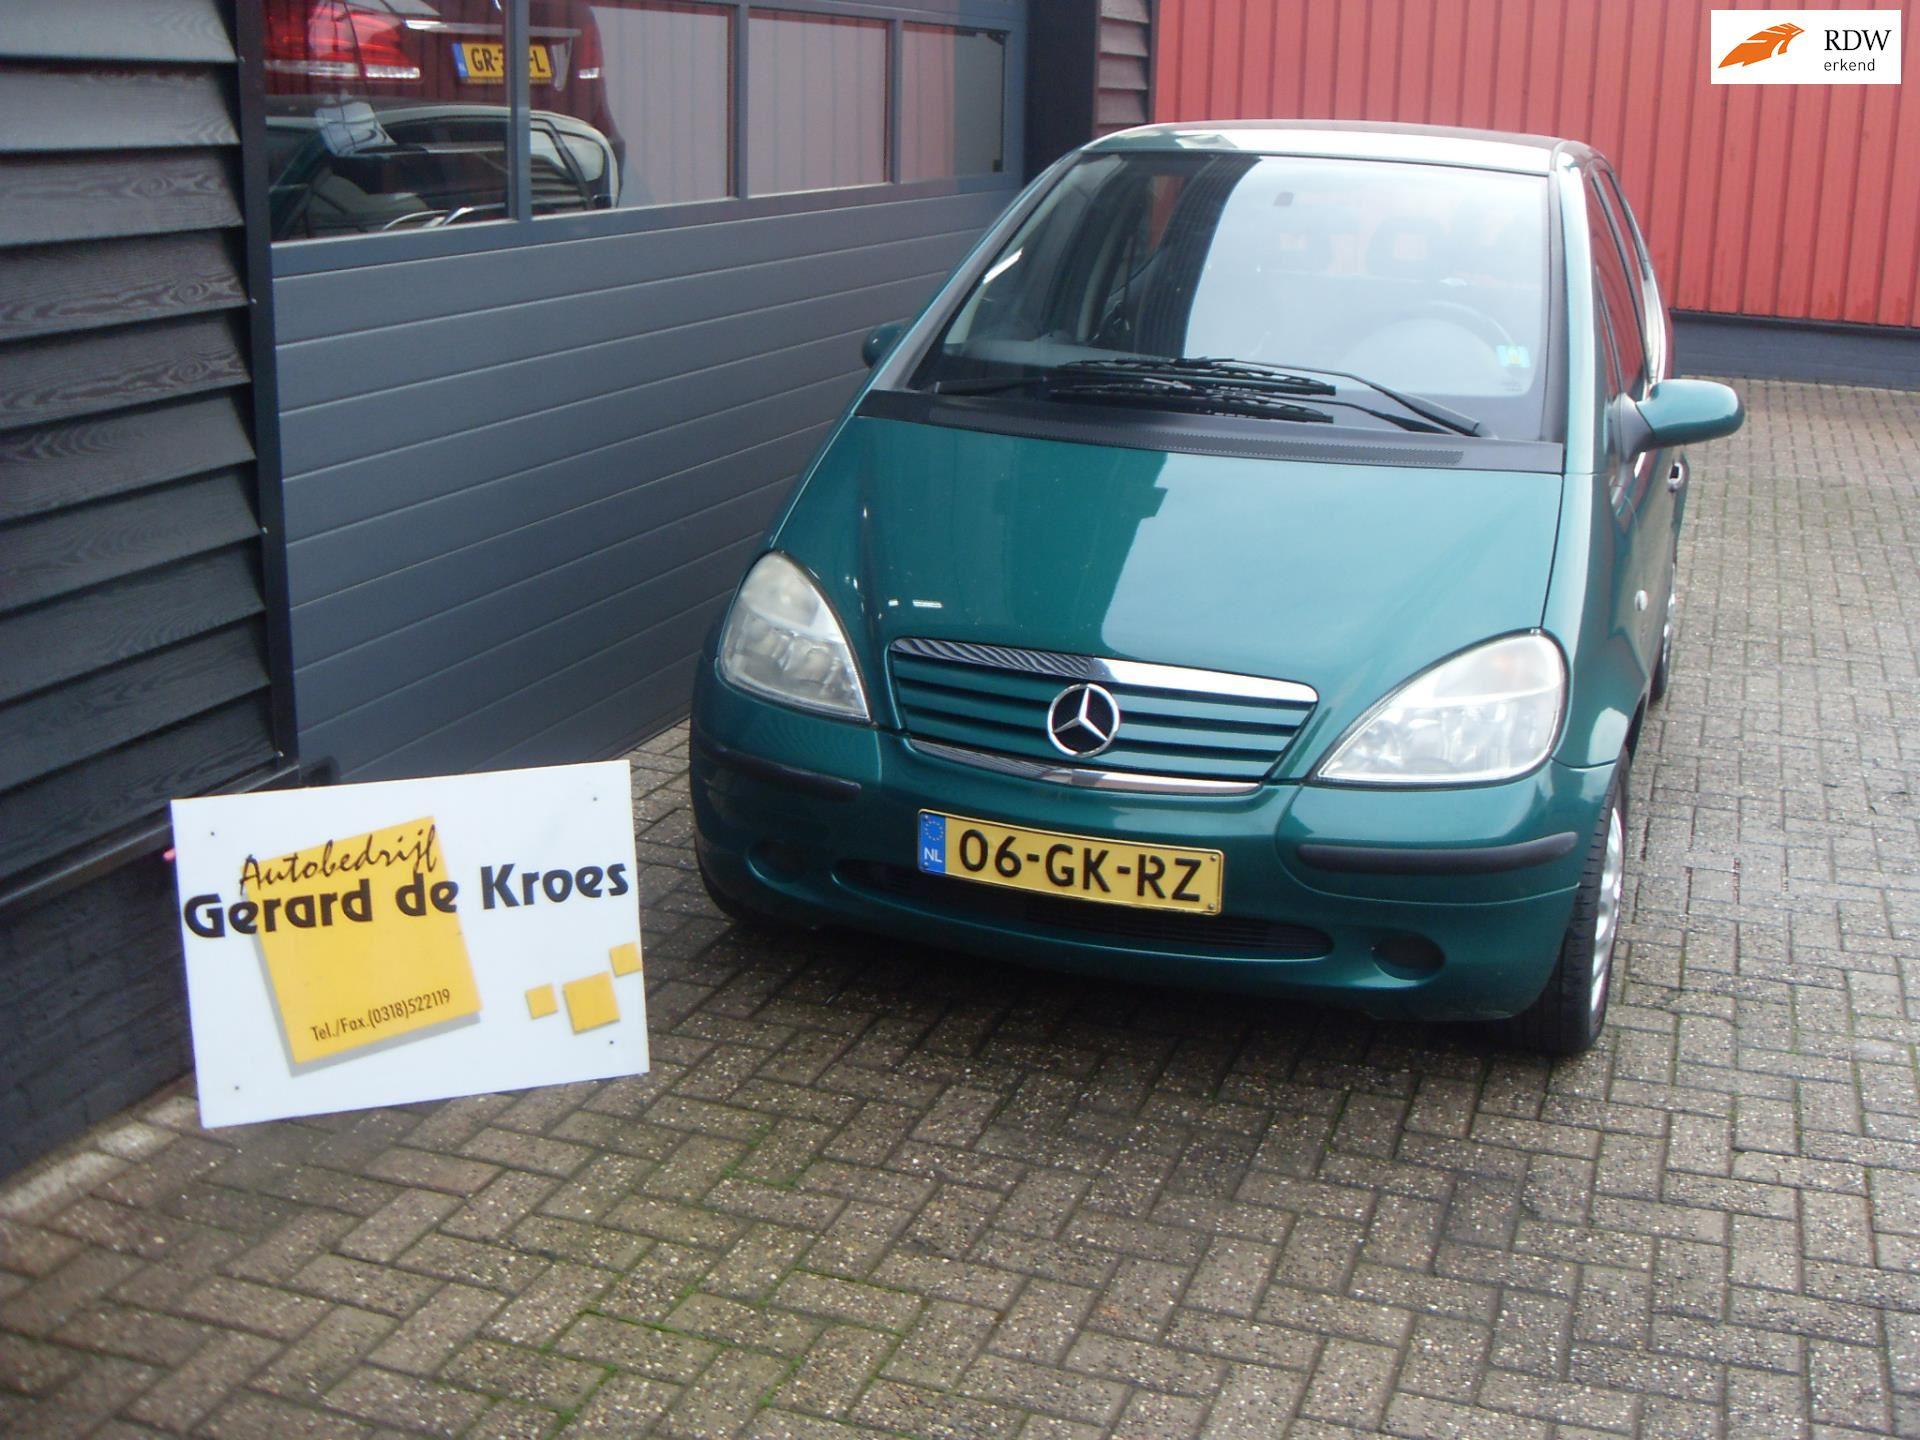 Mercedes-Benz A-klasse occasion - Autobedrijf Gerard de Kroes